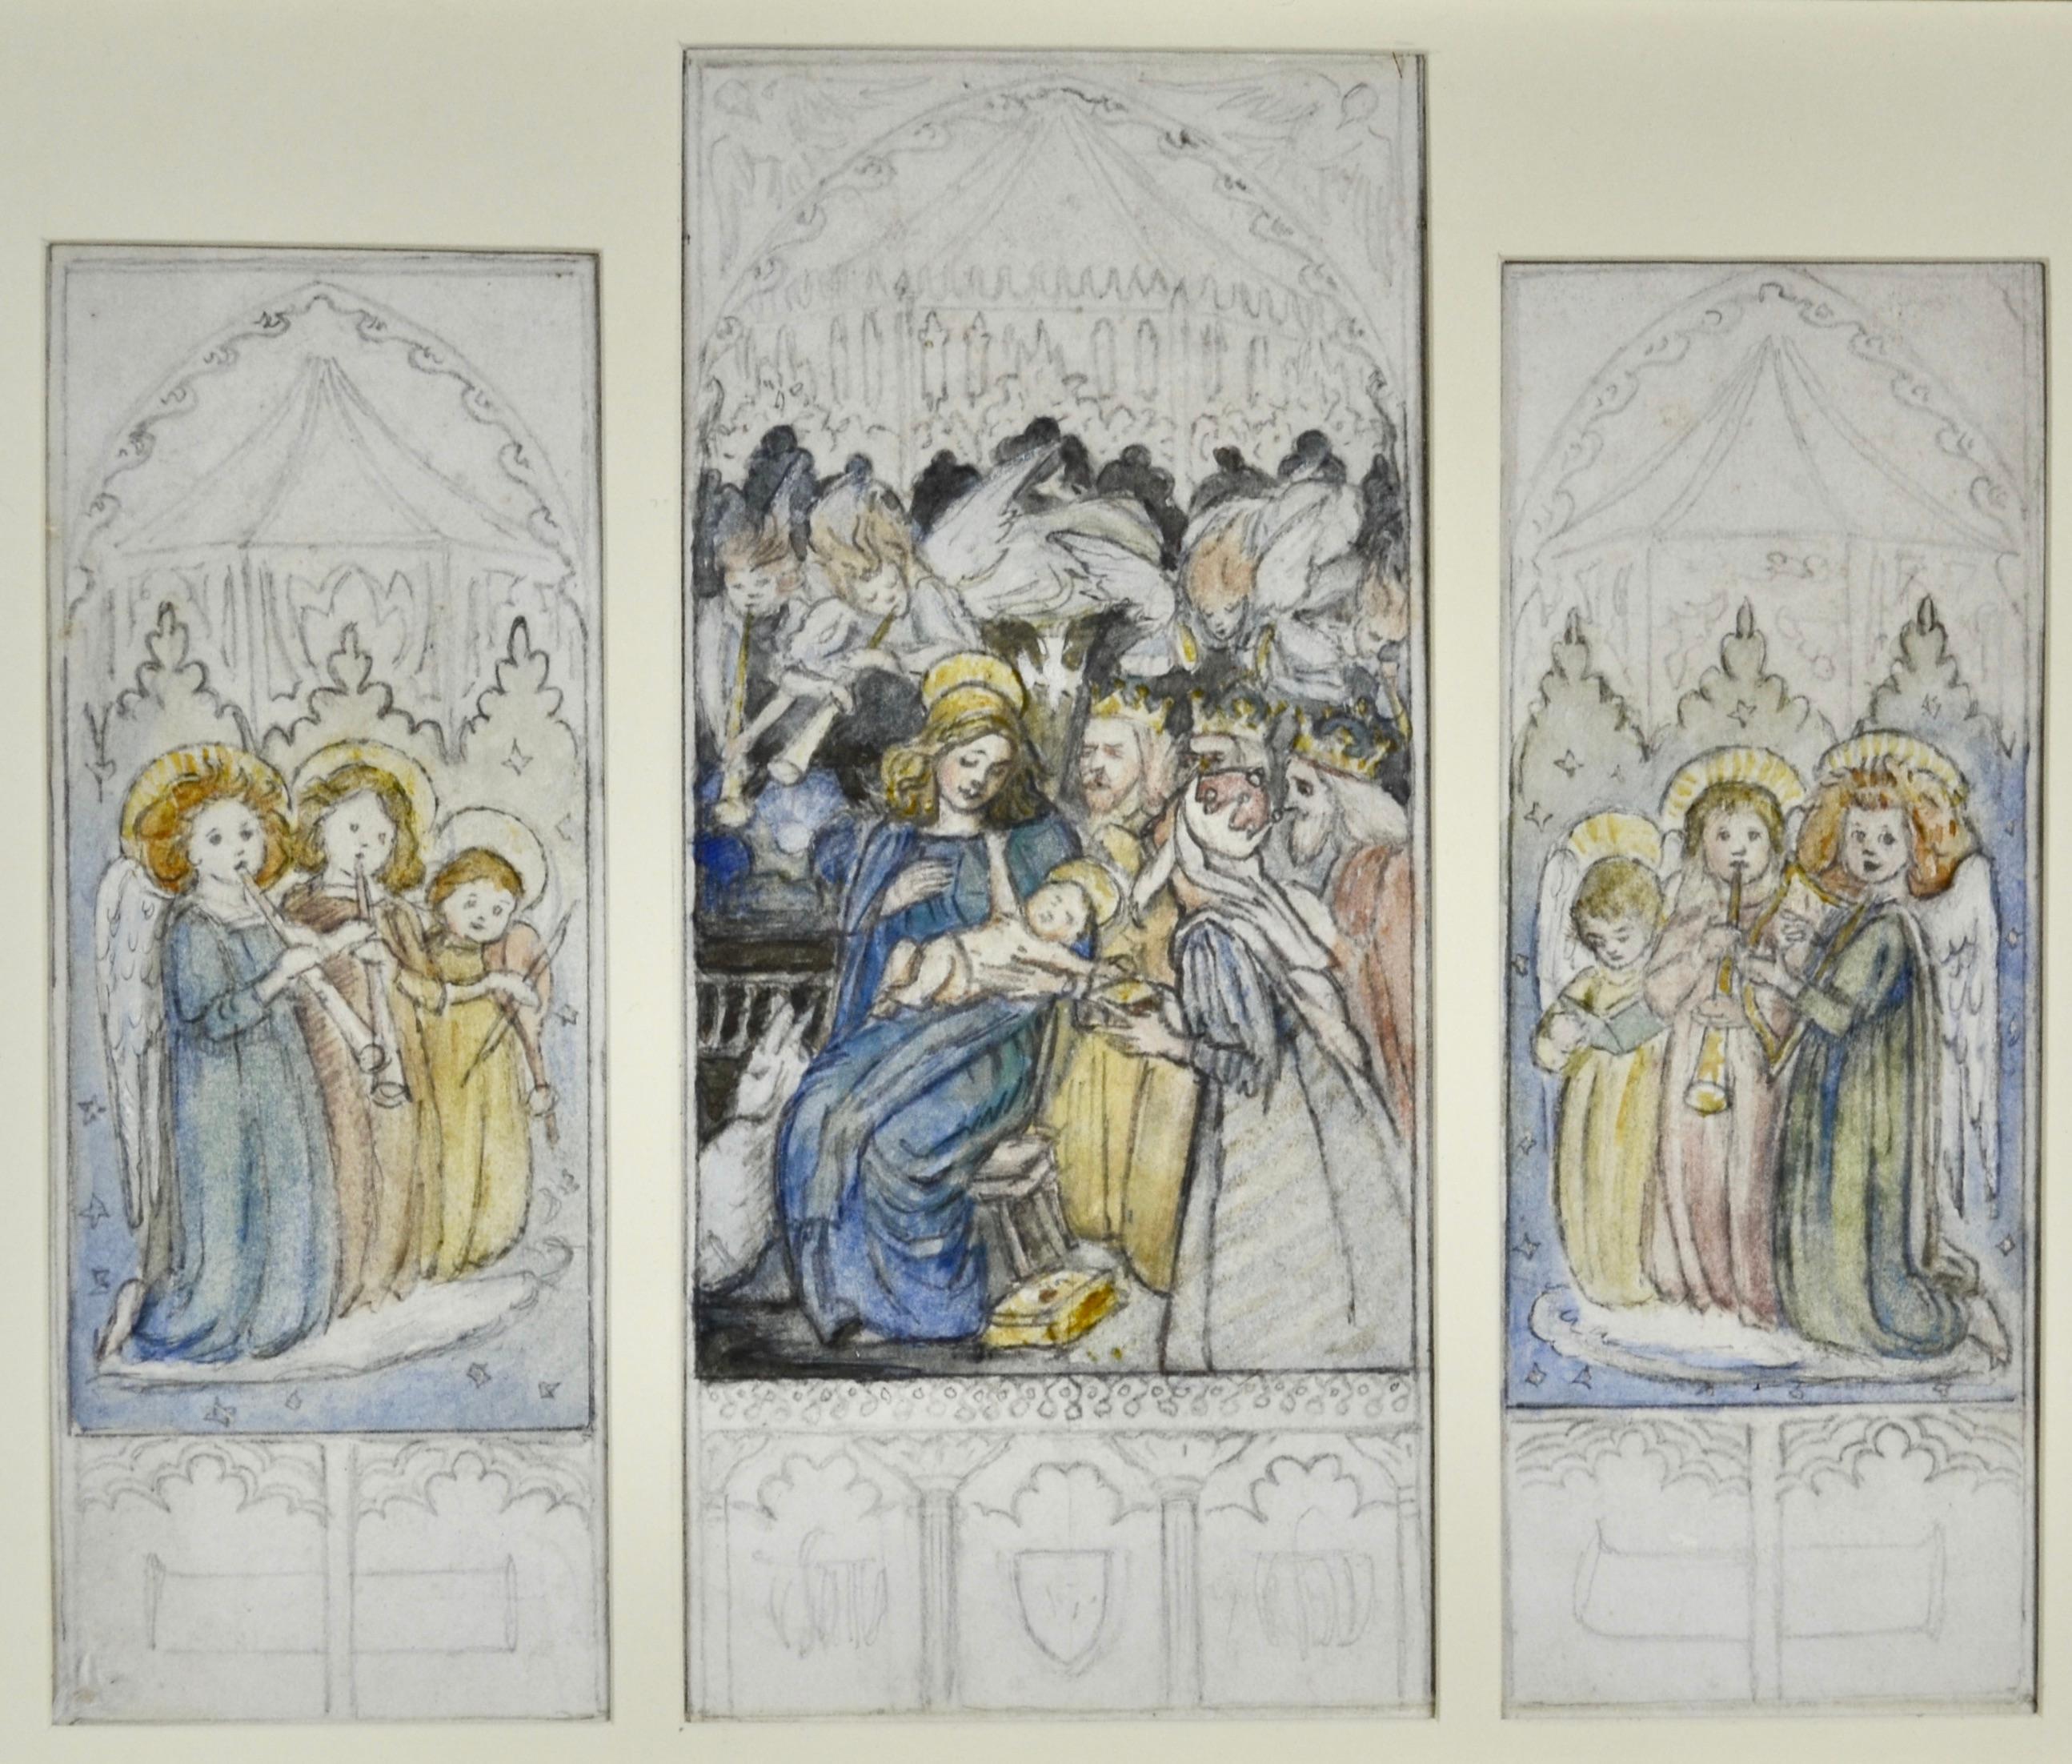 Altarpiece design by British Arts and Crafts artist Reginald Hallward